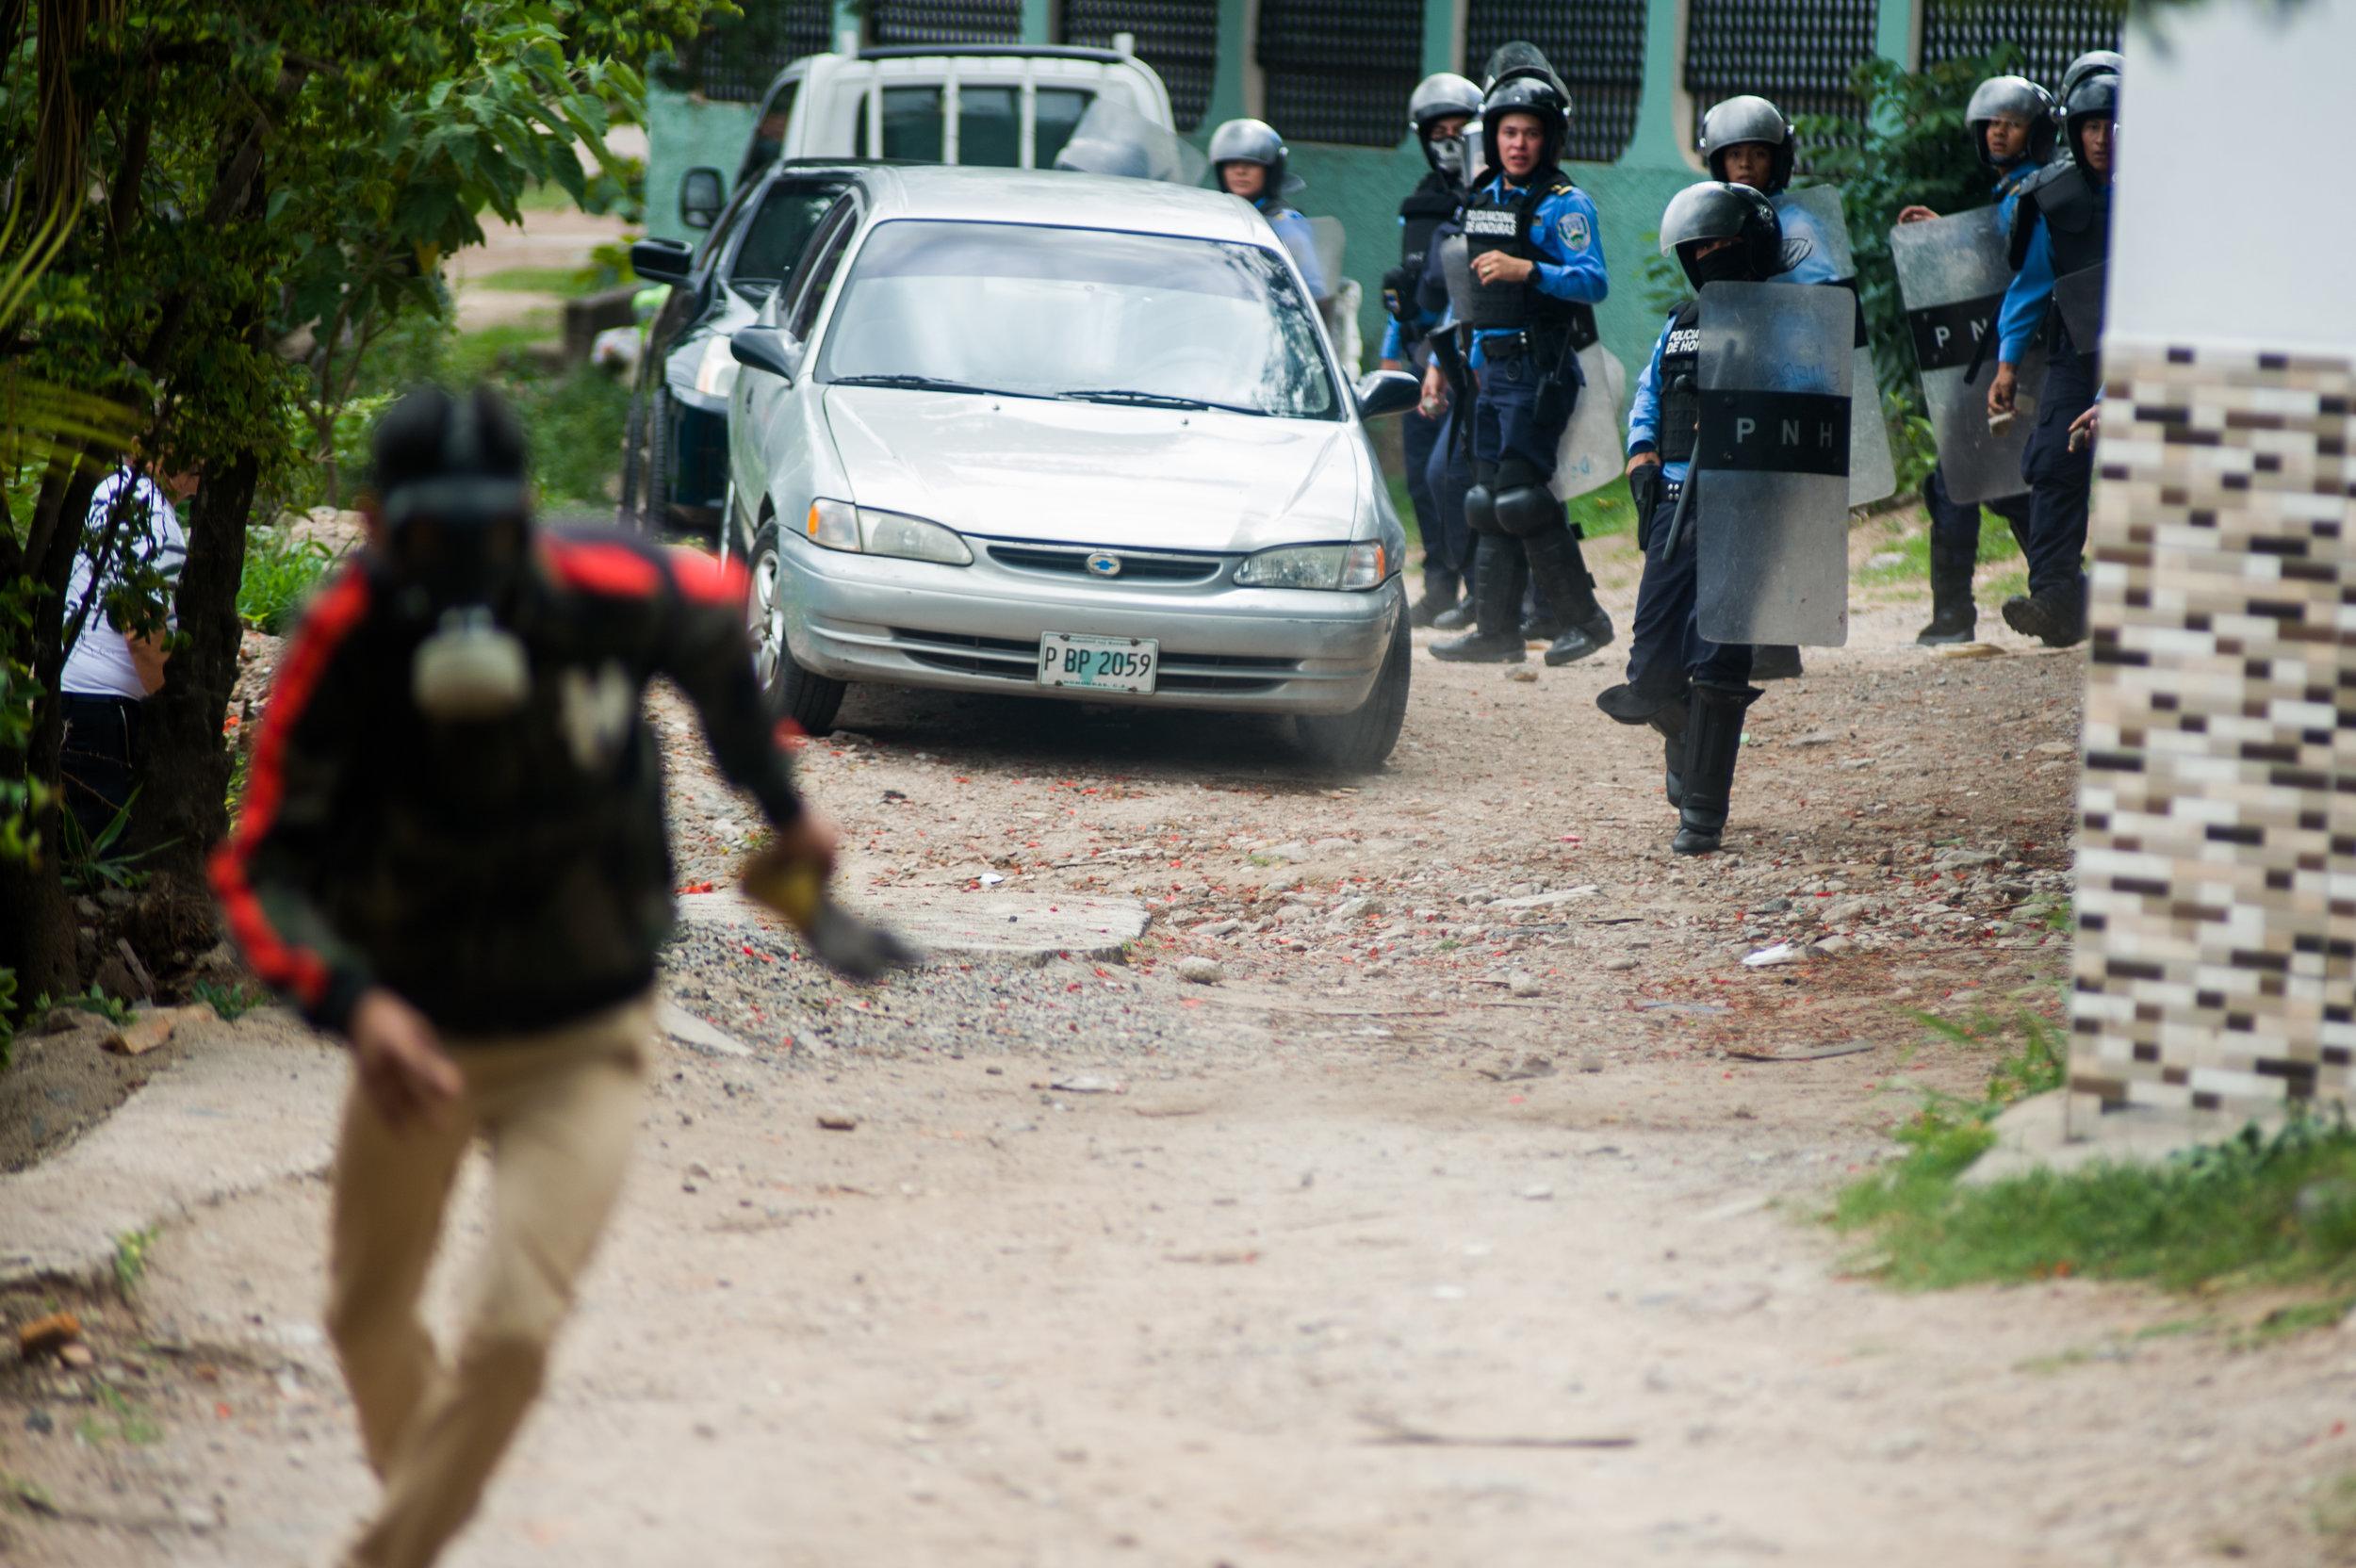 Un miembro de la Policia Nacional toma su arma con el fin de amenazar a estudiantes y miembros de la prensa en una protesta en Tegucigalpa. Foto: Camilo Freedman/La Crónica